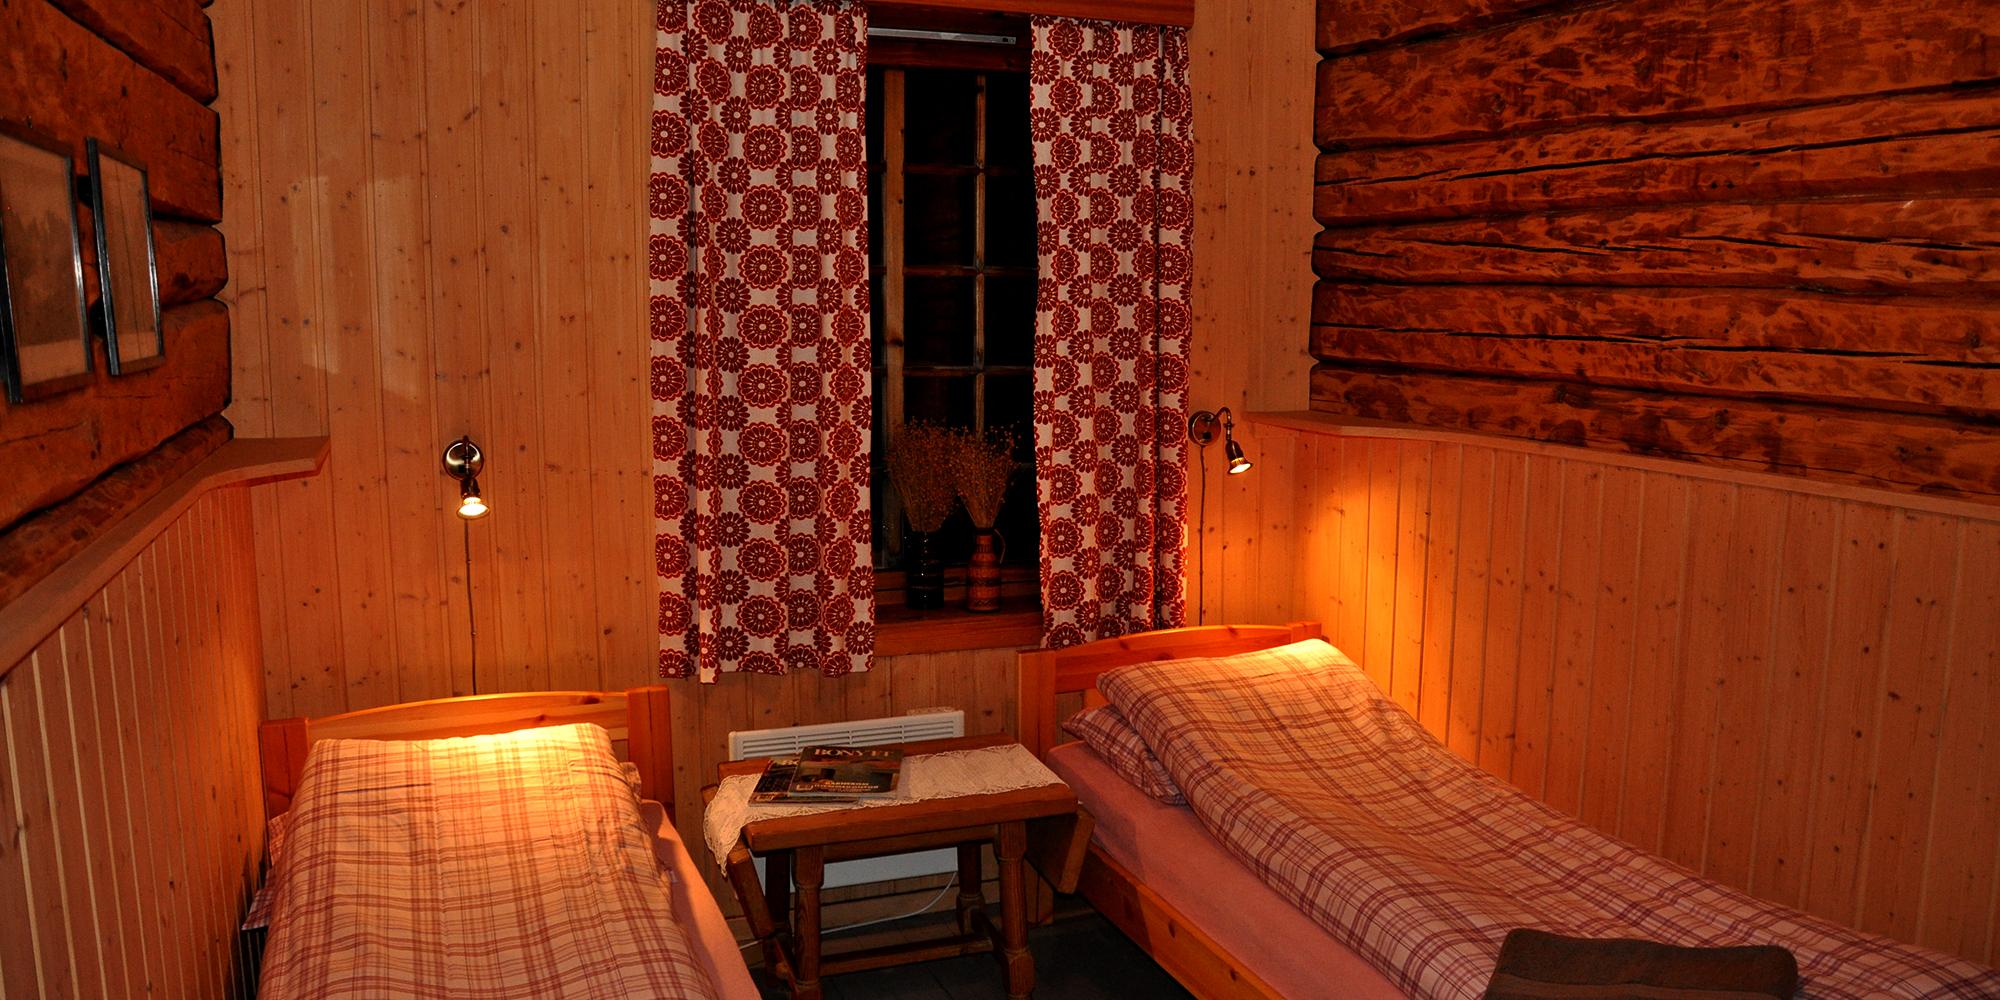 Mokk - bedroom main house. Copyright: Mokk gård